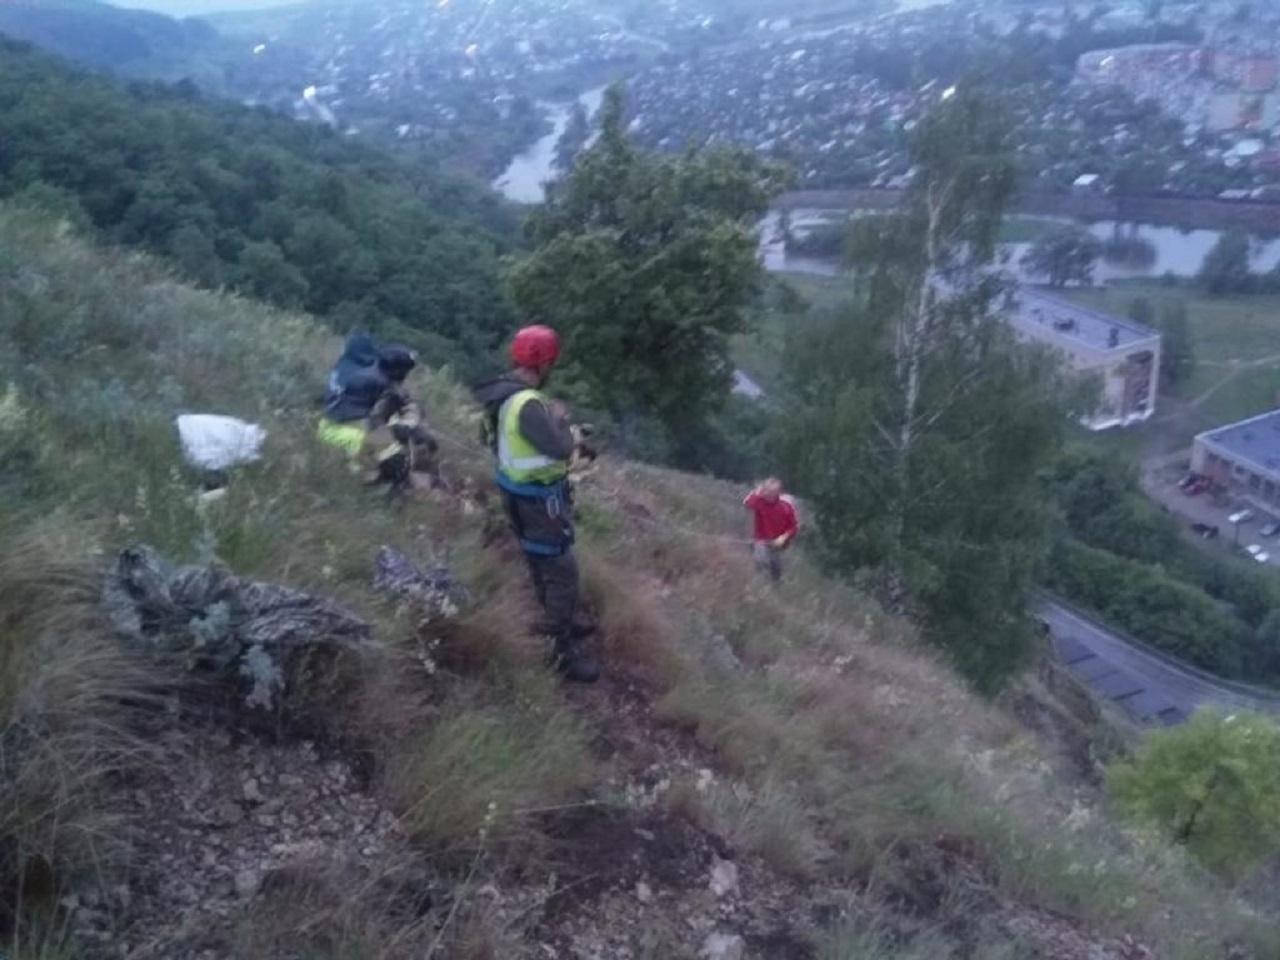 В горах на Южном Урале эвакуировали 4 детей